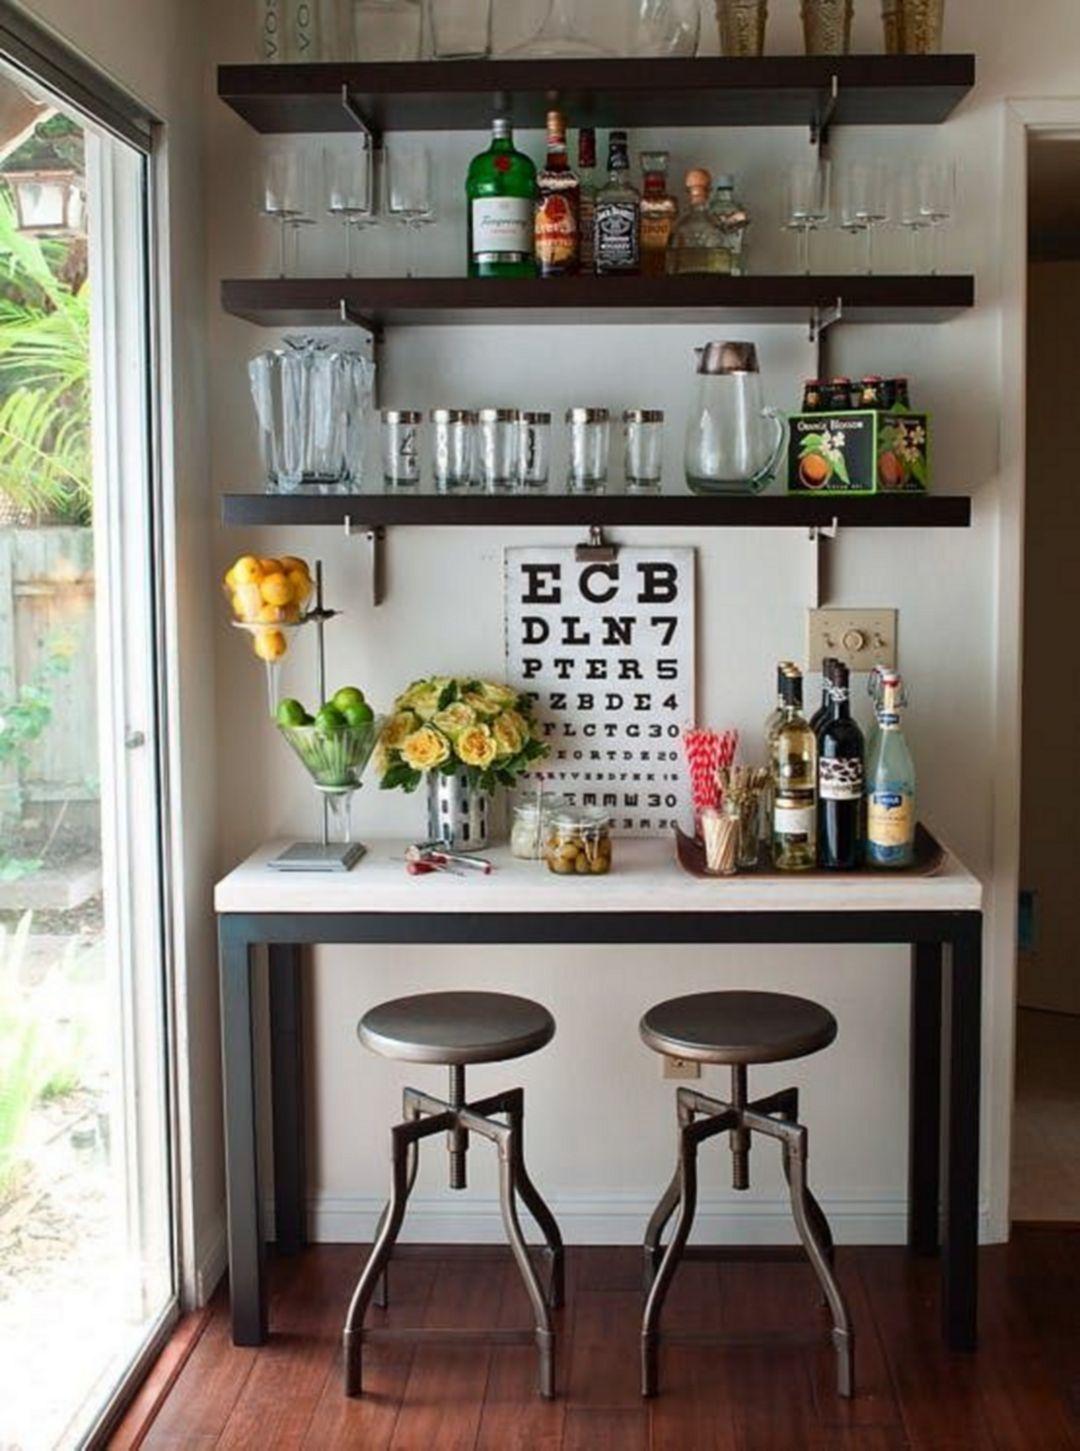 Elegant Home Coffee Bar Design And Decor Ideas 1410 Home